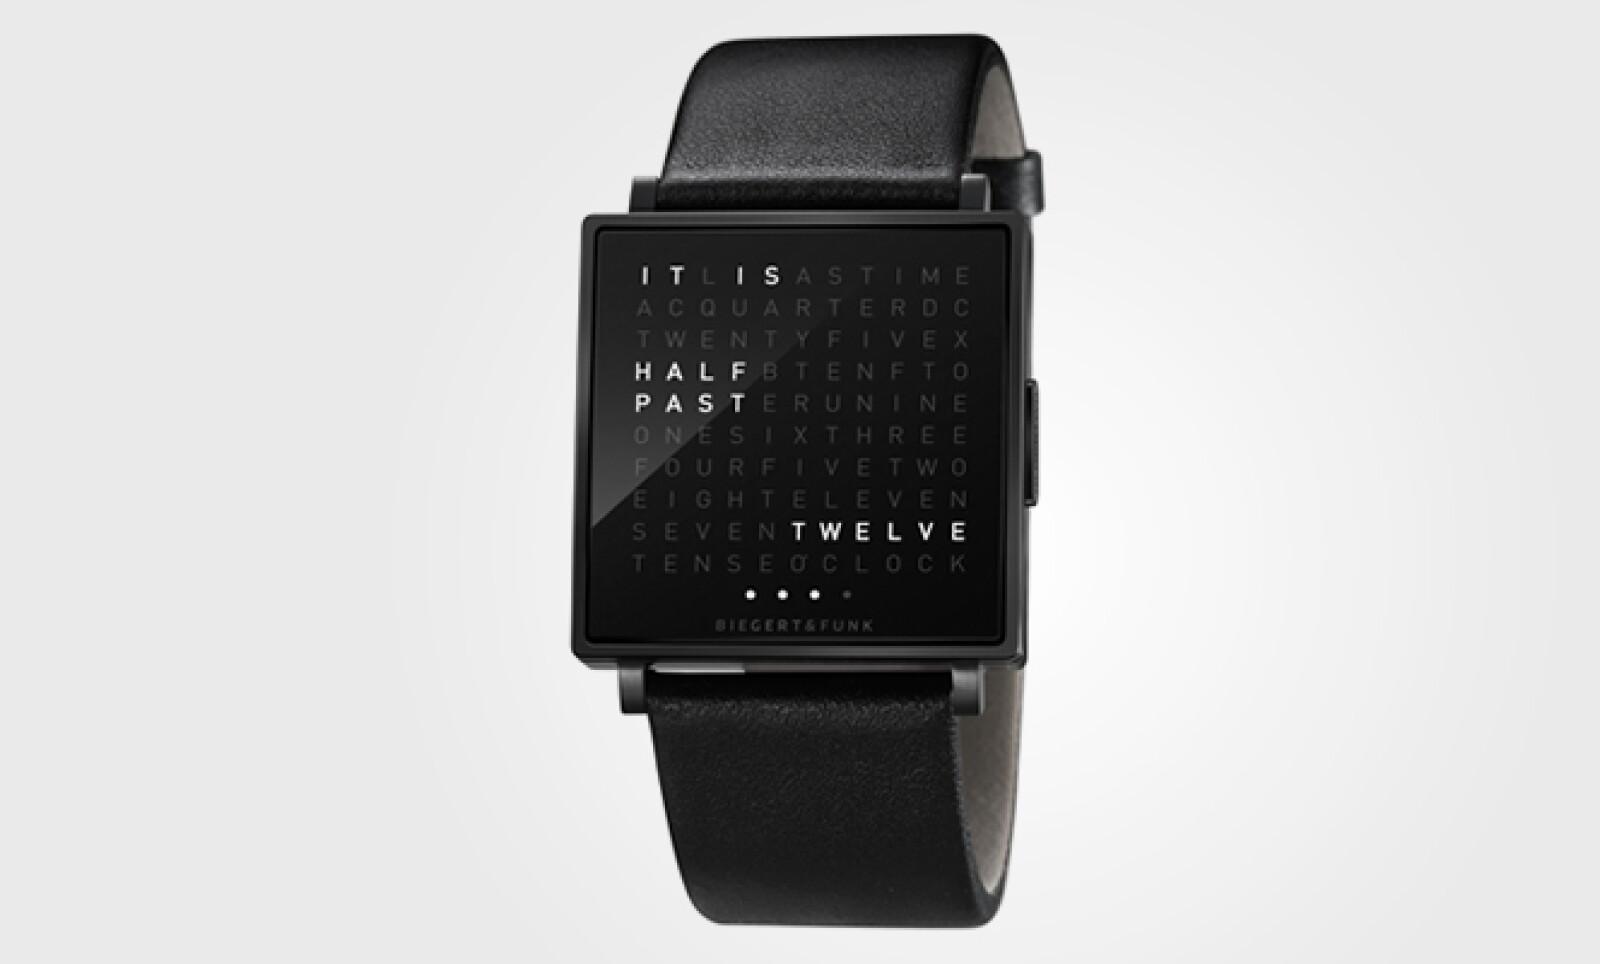 Son 110 letras las que se alinean en este reloj y que a cada minuto se iluminan para dar una explicación de la hora, tan sólo al presionar un botón.